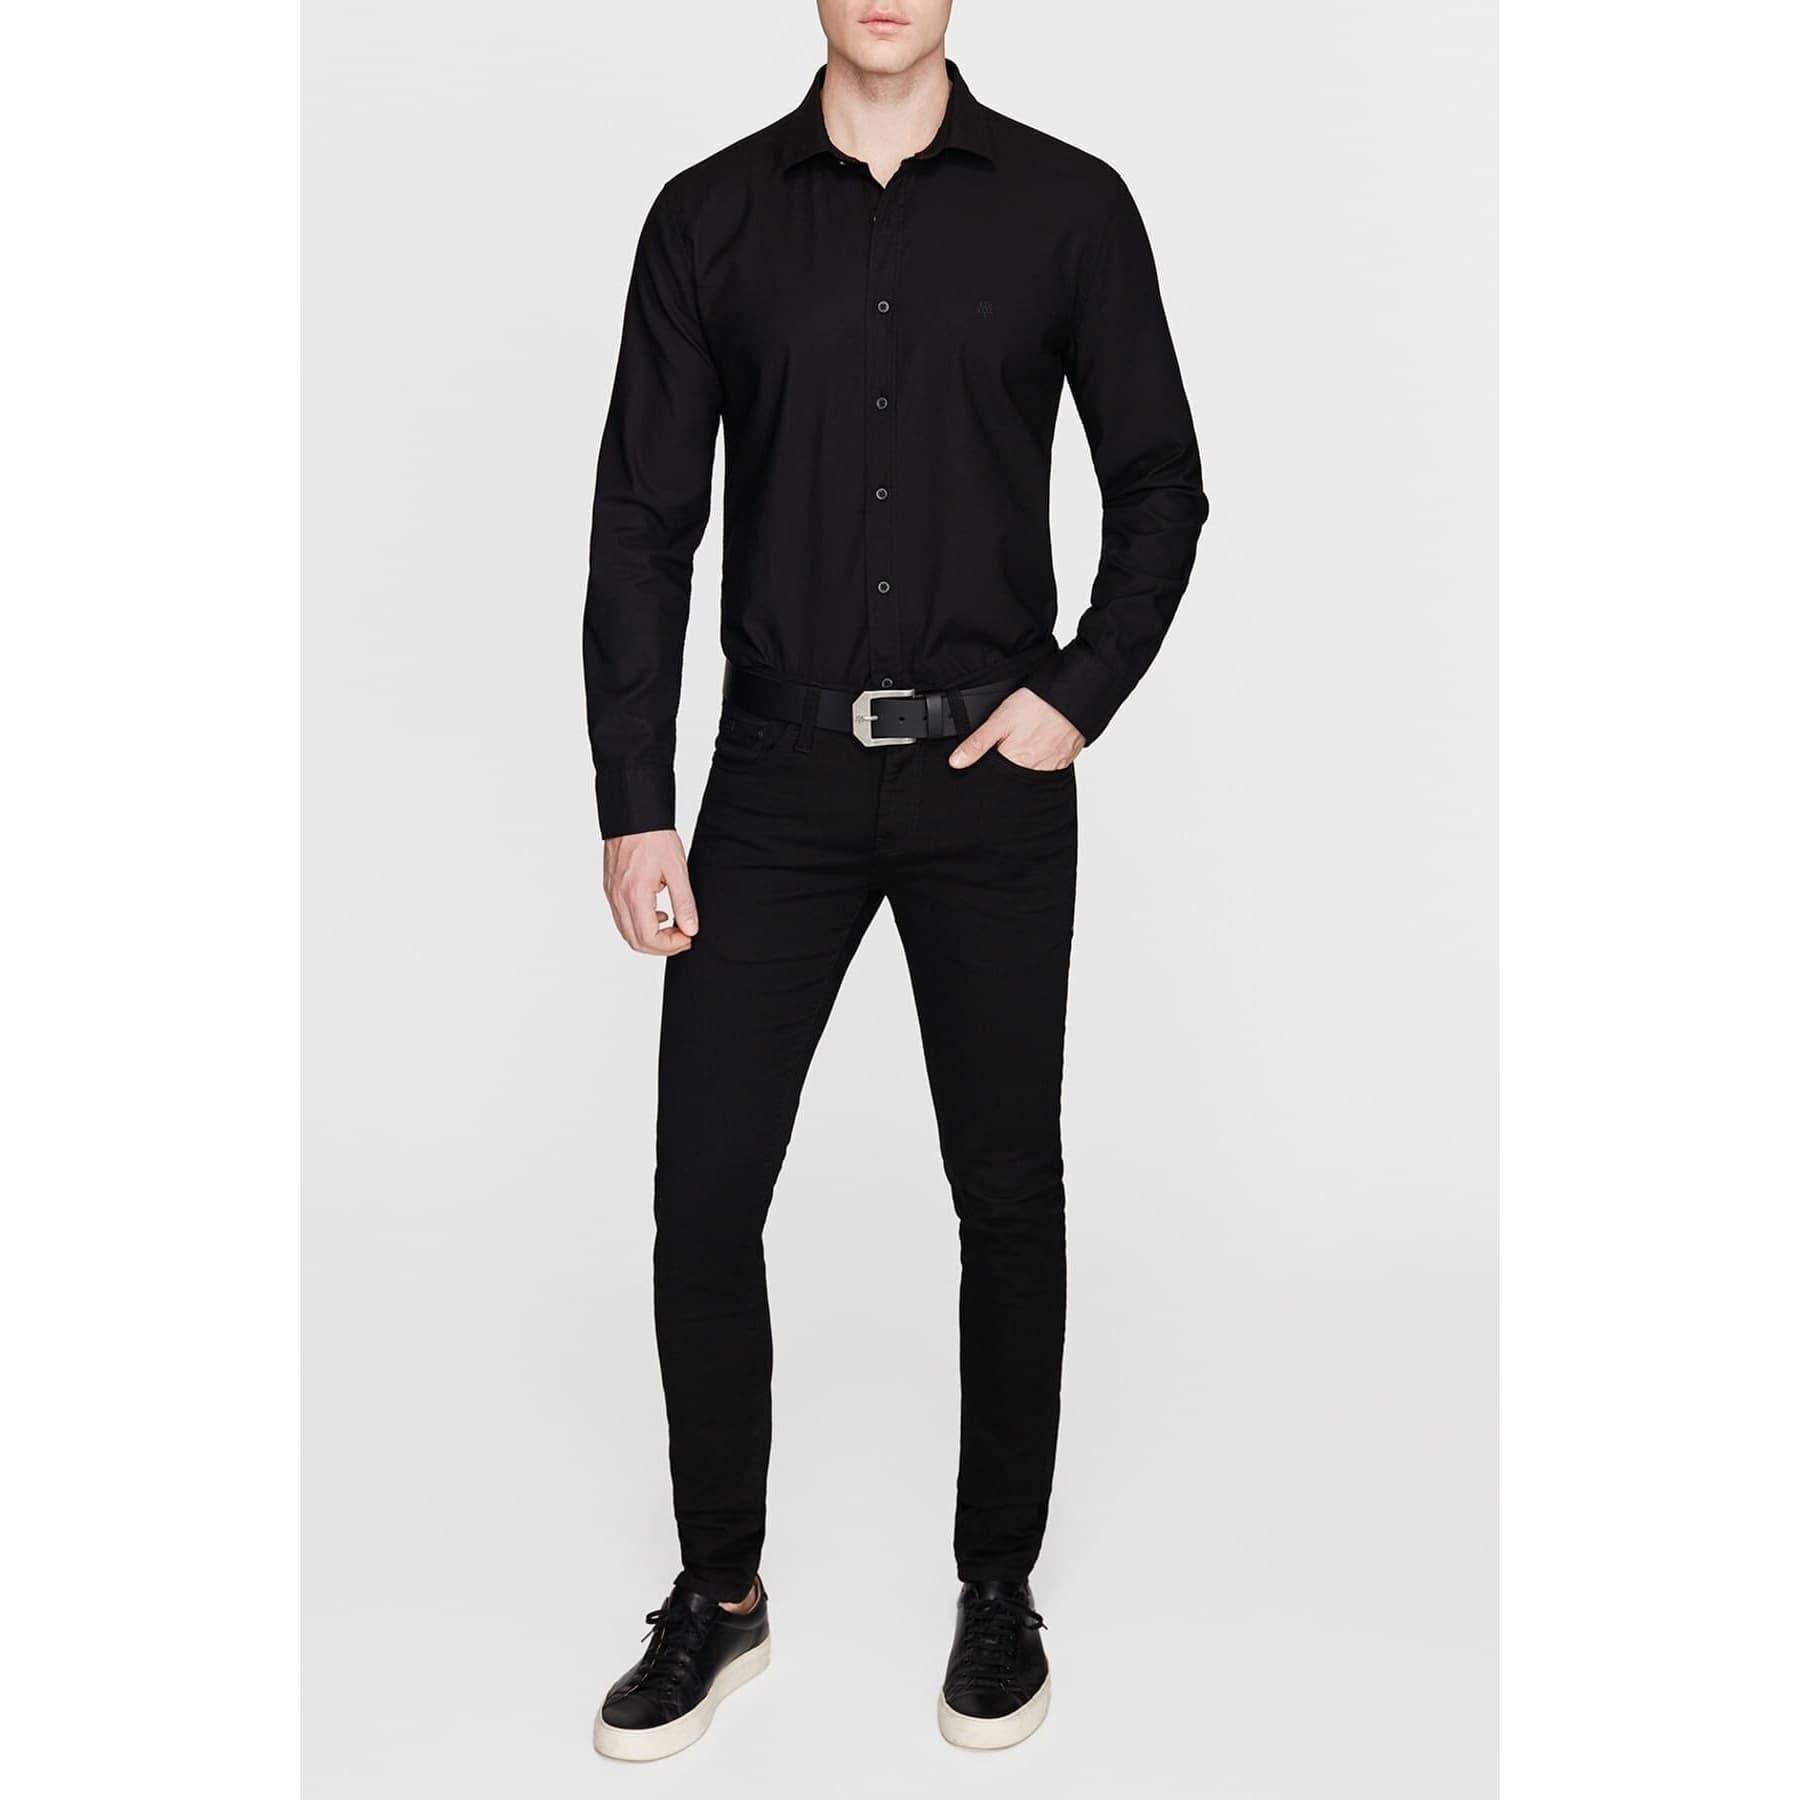 Erkek Cepsiz Siyah Gömlek (%100 Pamuk)